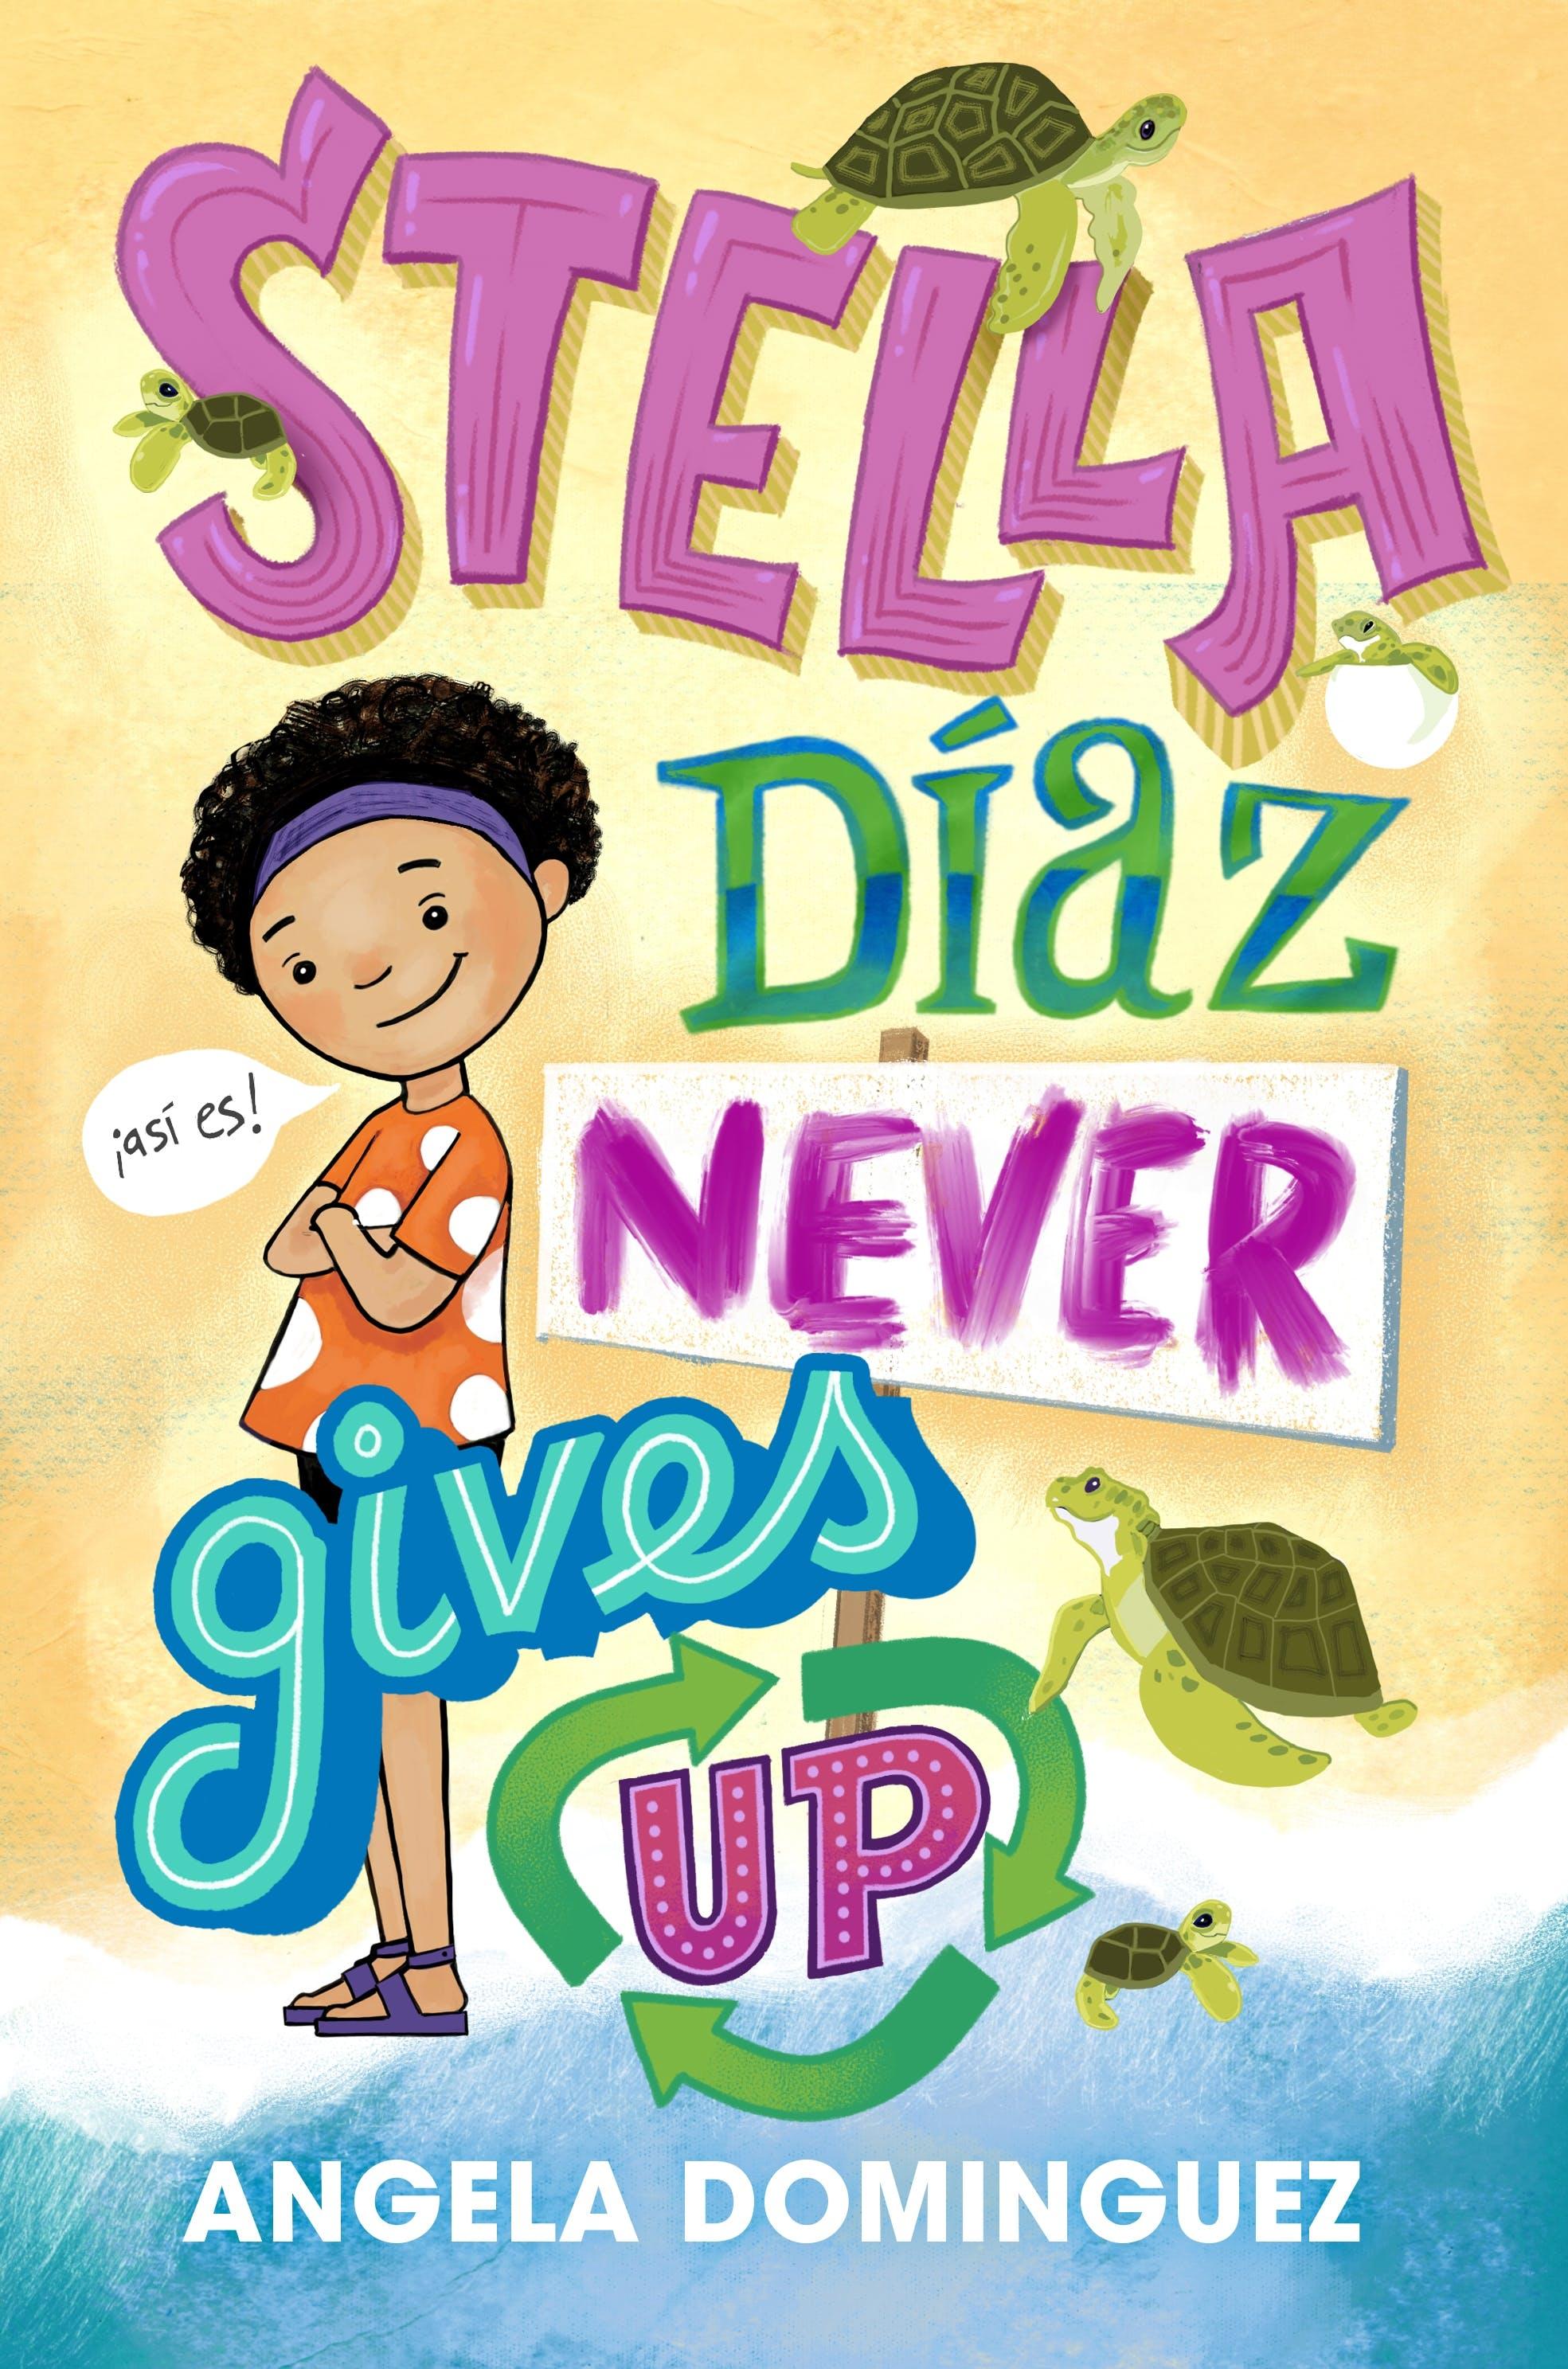 Image of Stella Díaz Never Gives Up